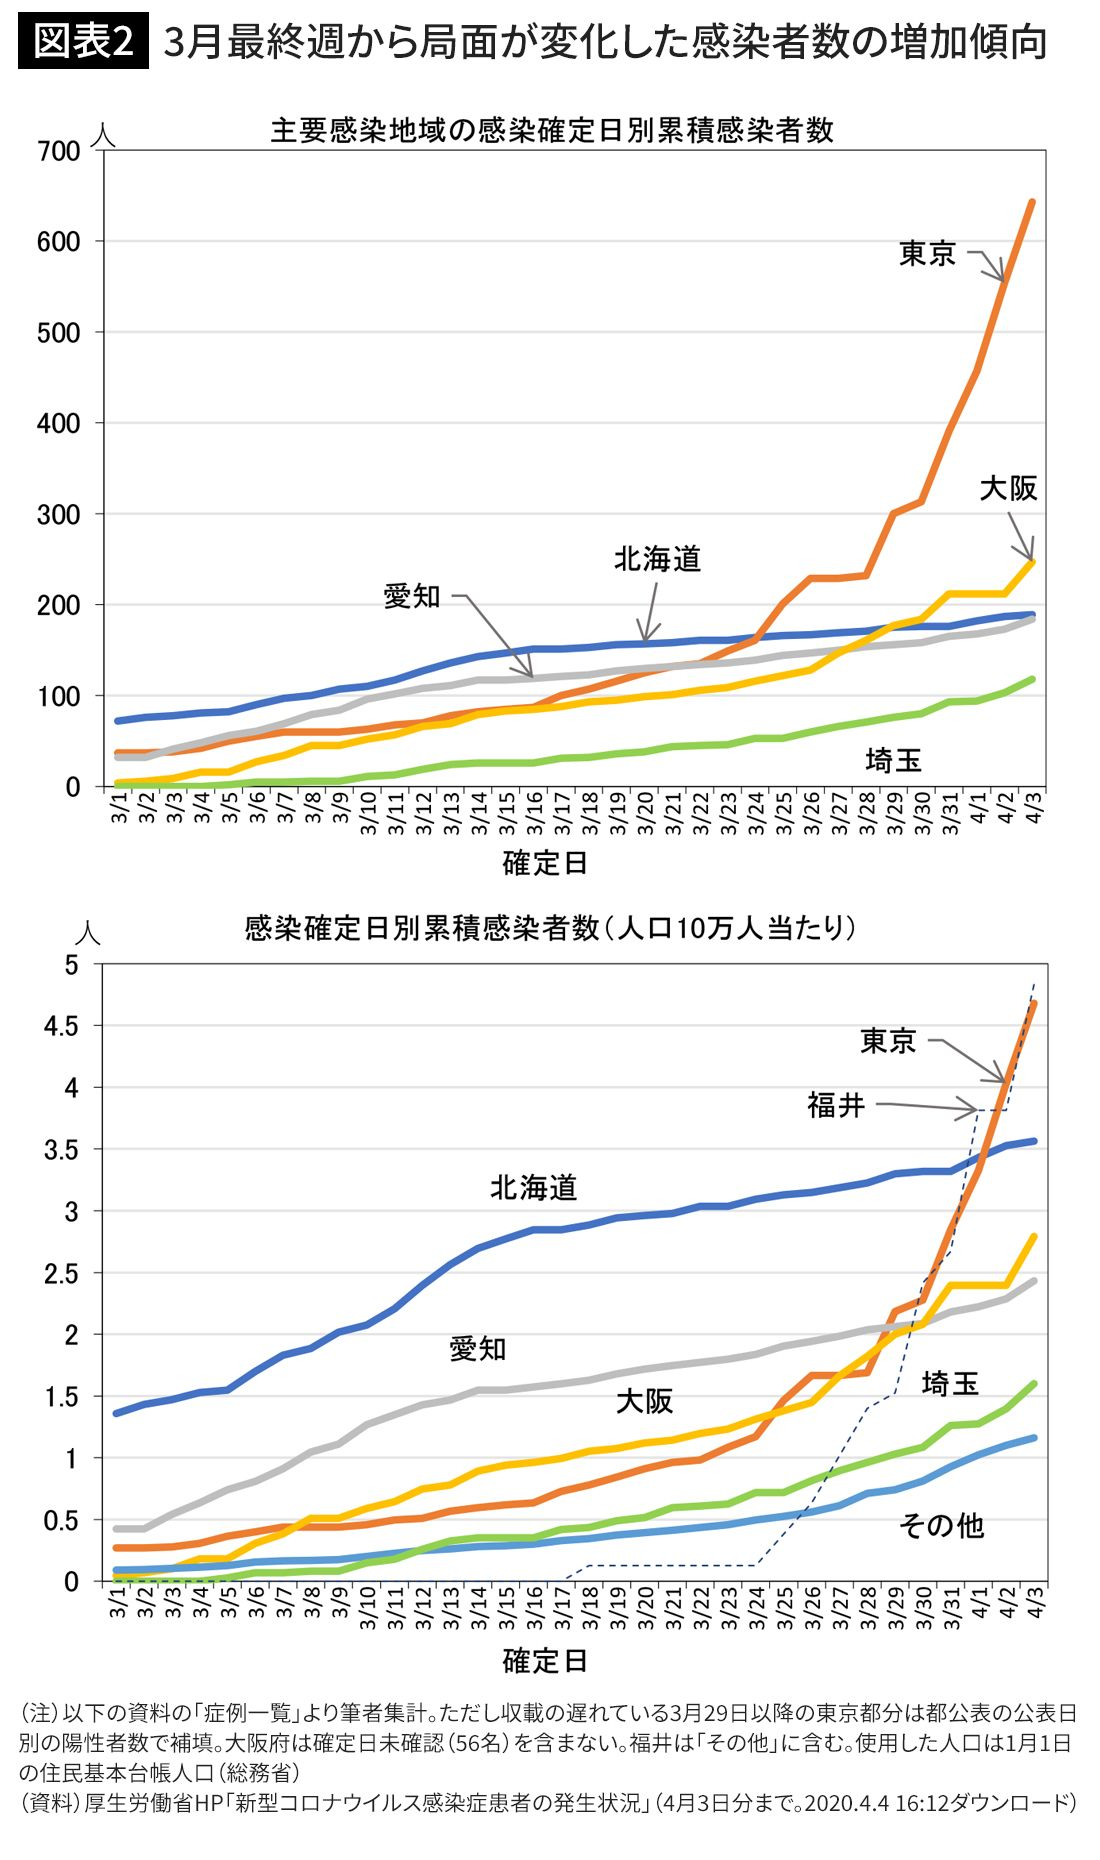 福井 県 コロナ 感染 者 数